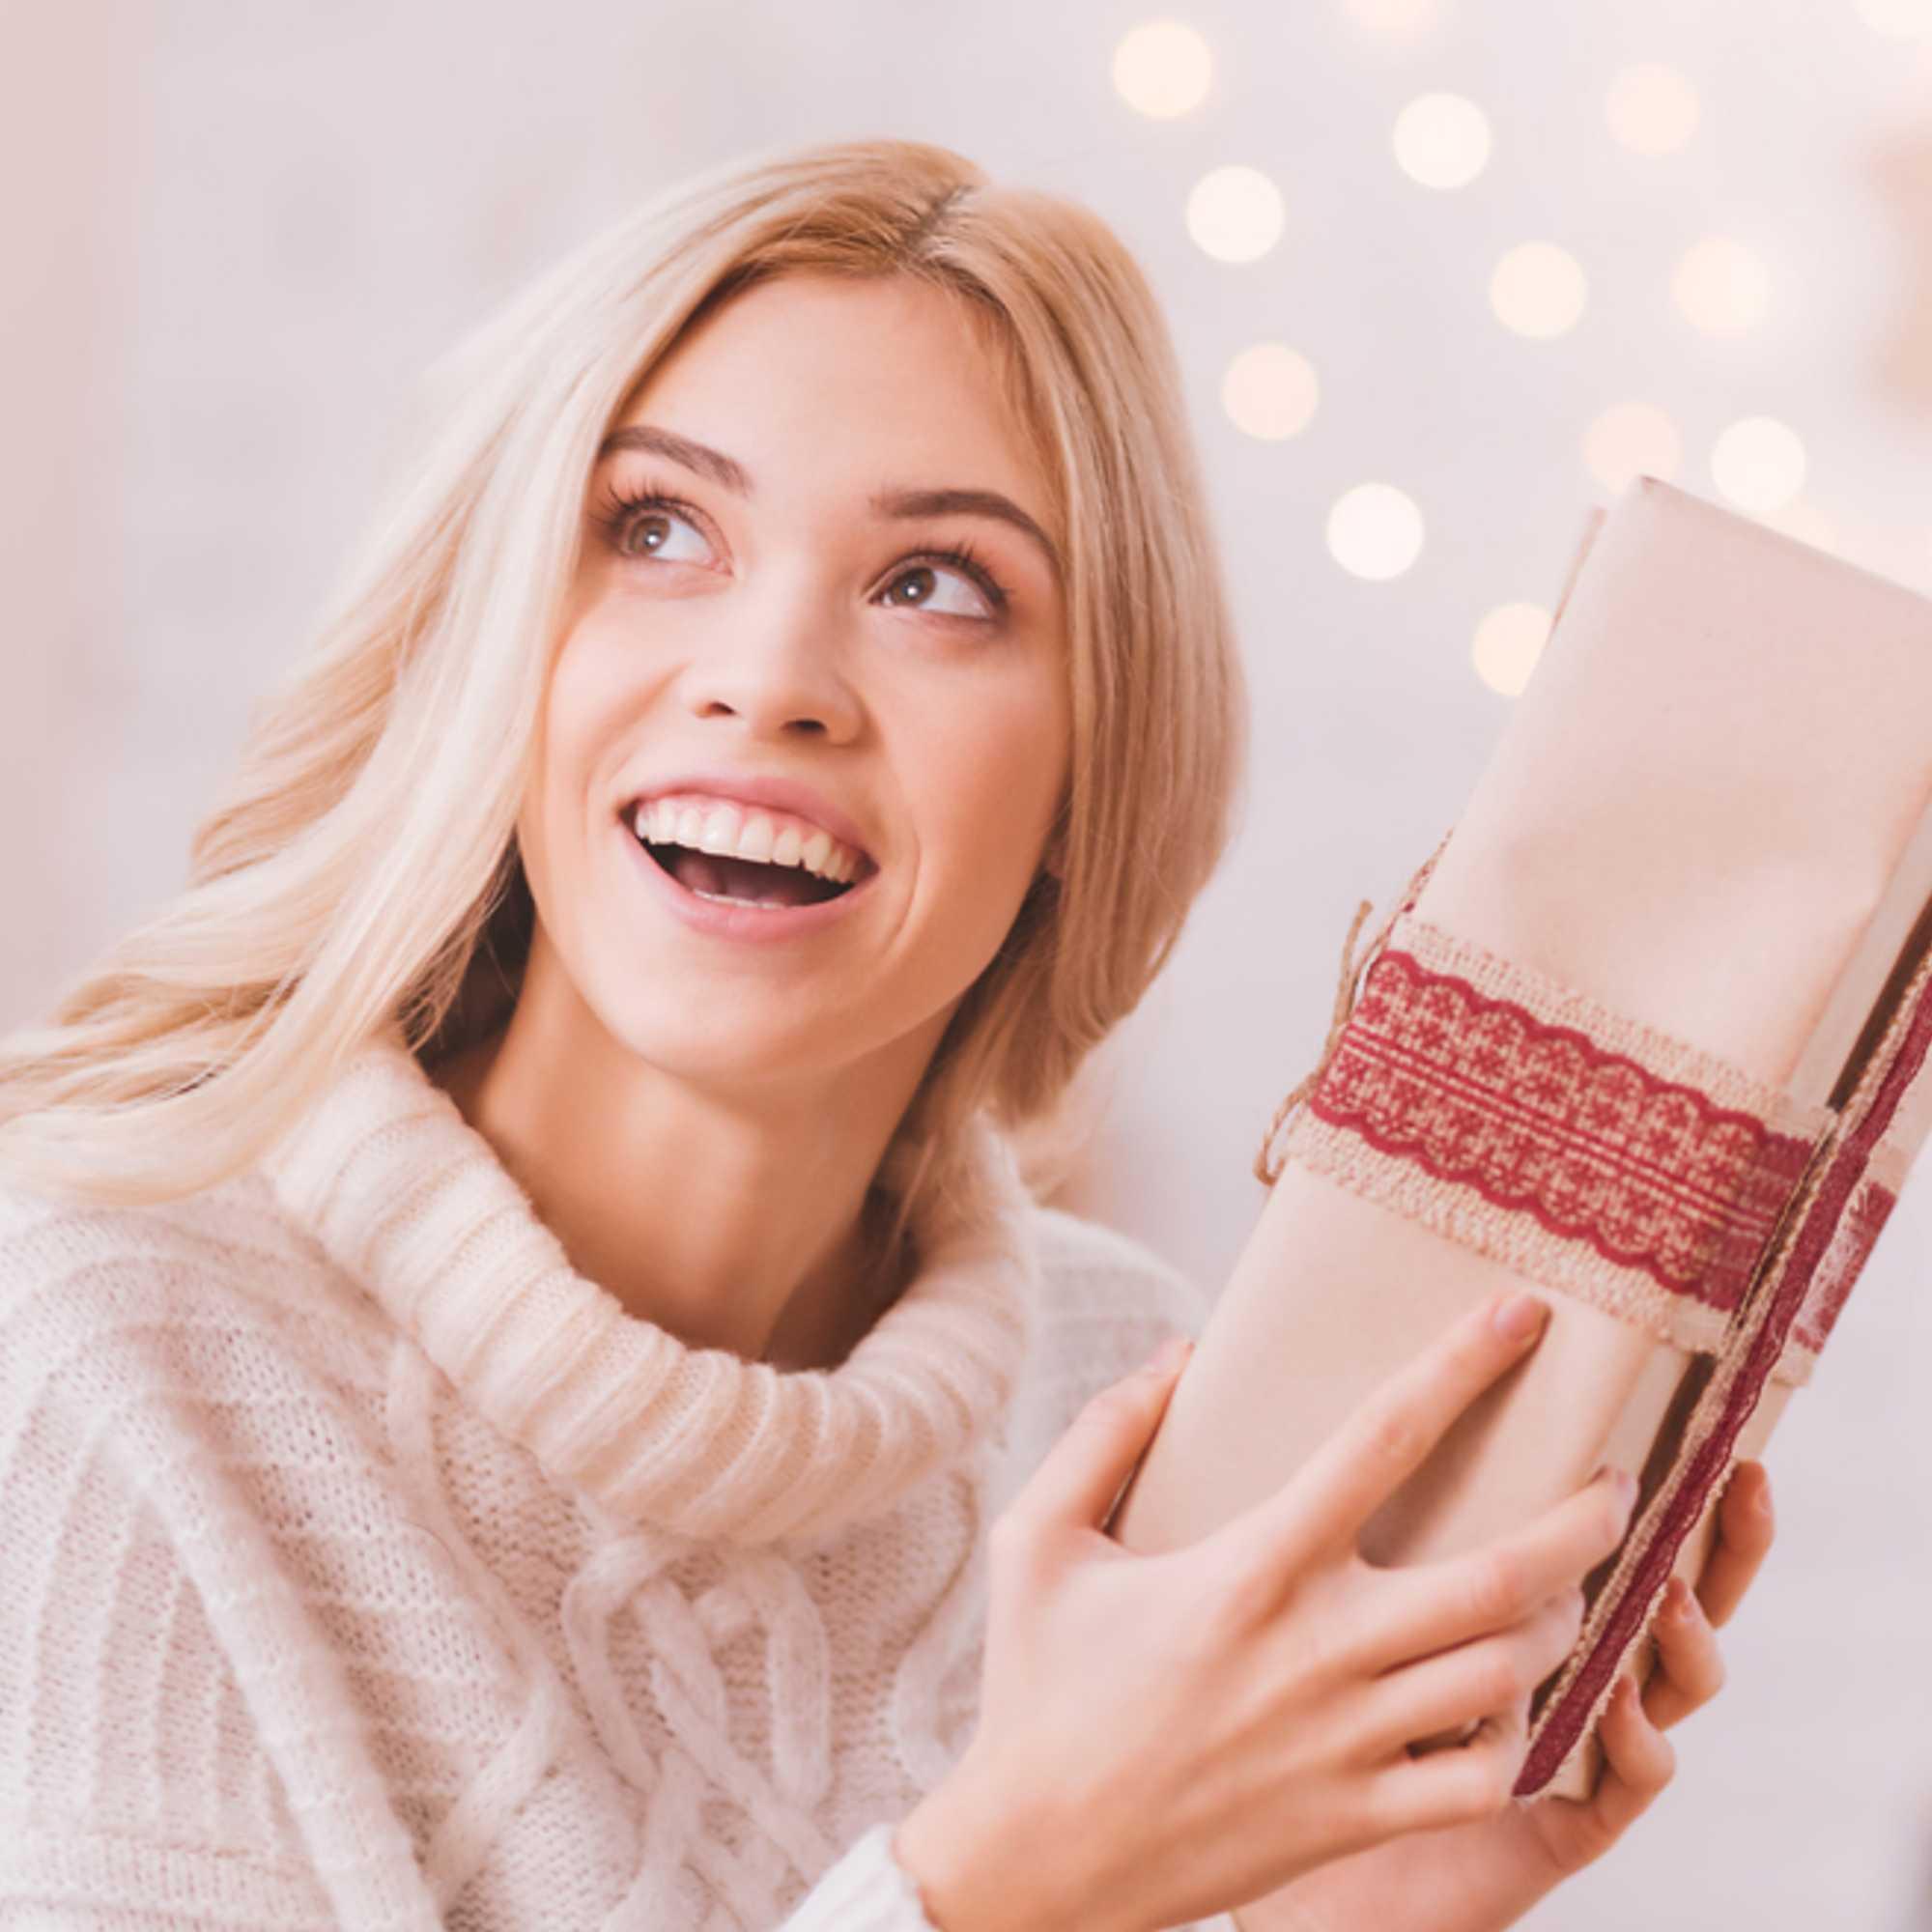 Katso 22 ylellistä joululahjaideaa naiselle!  723e30e10d